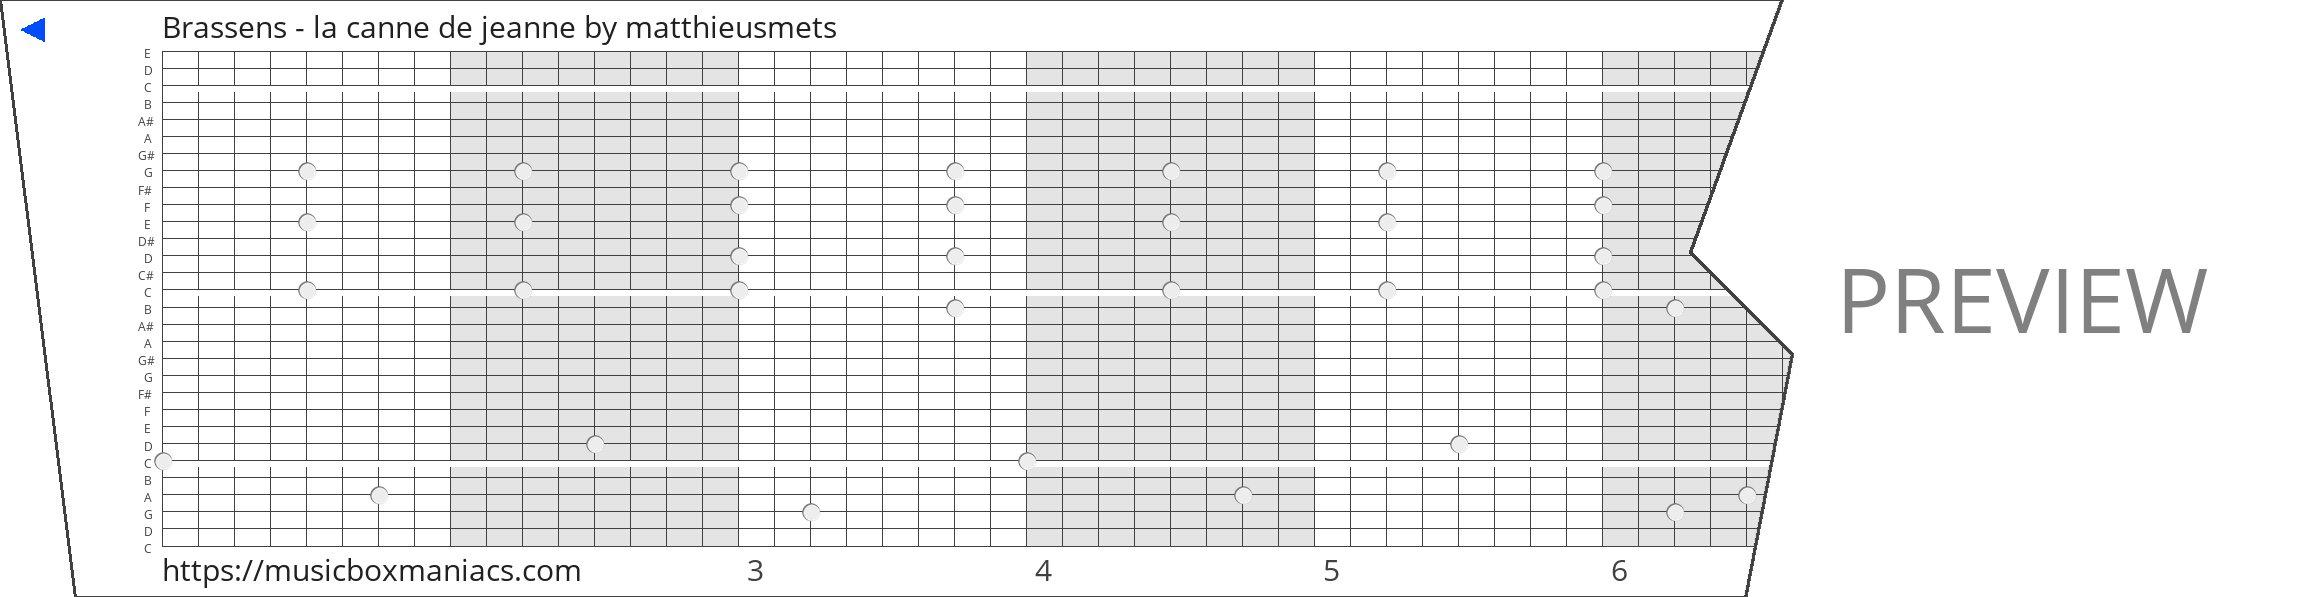 Brassens - la canne de jeanne 30 note music box paper strip